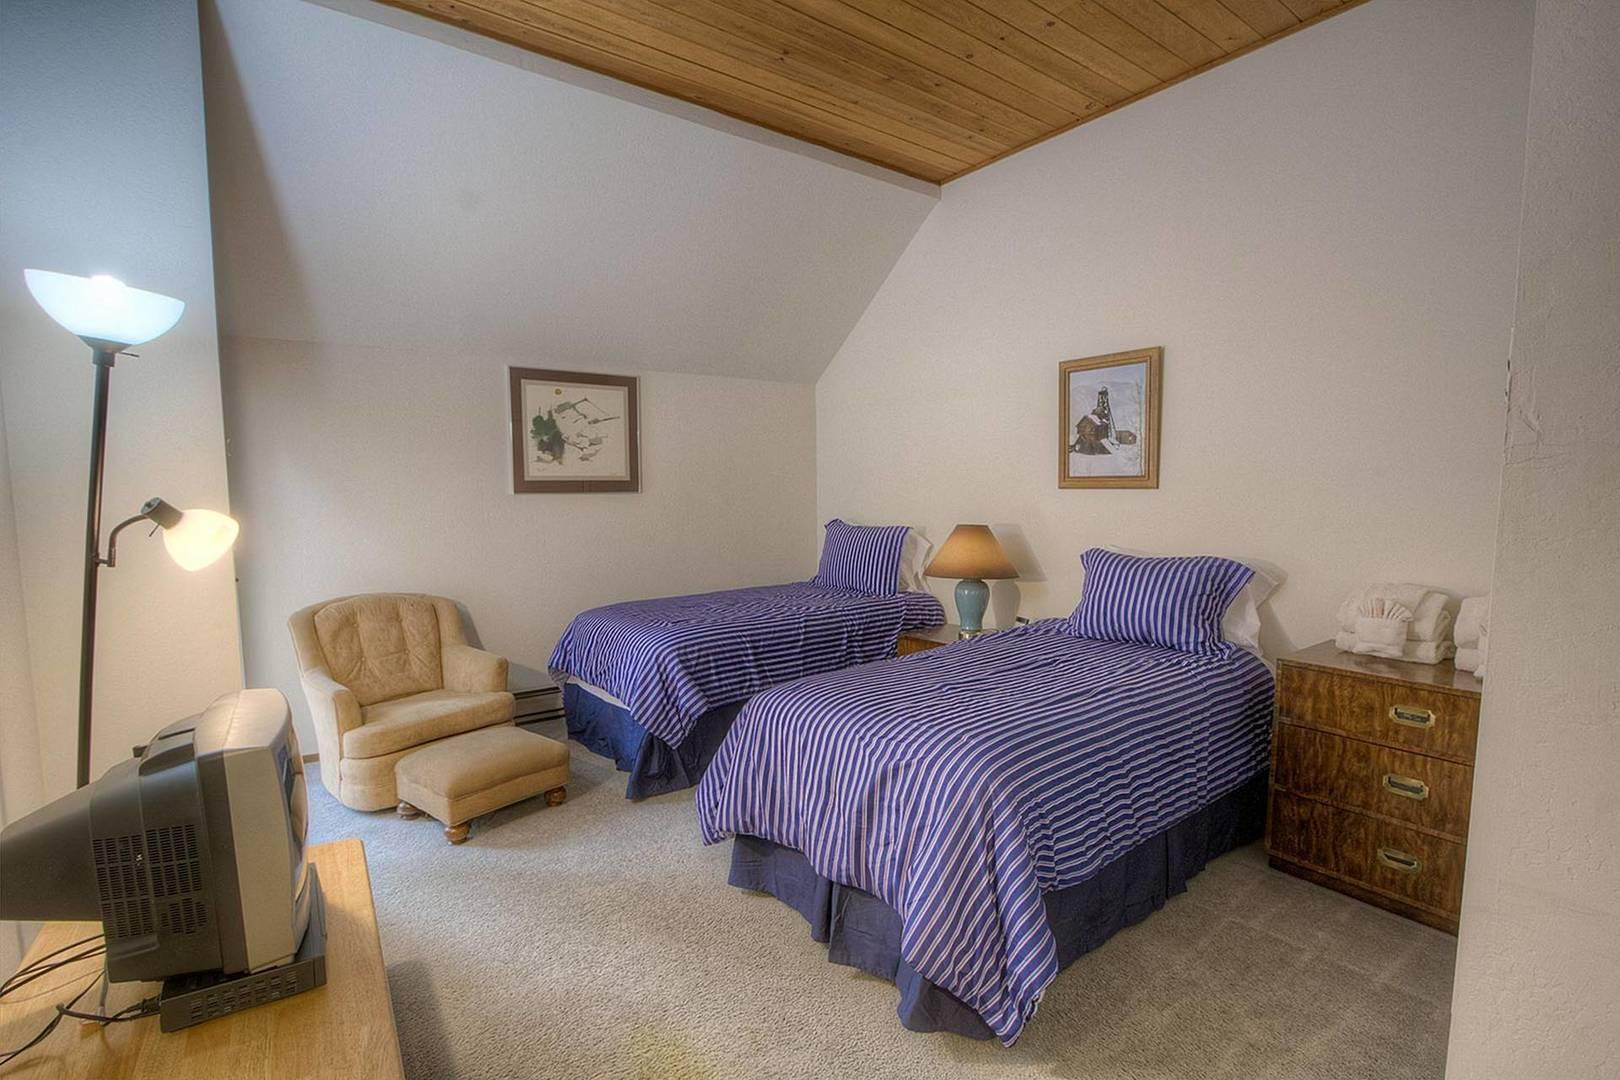 fpc0640 bedroom